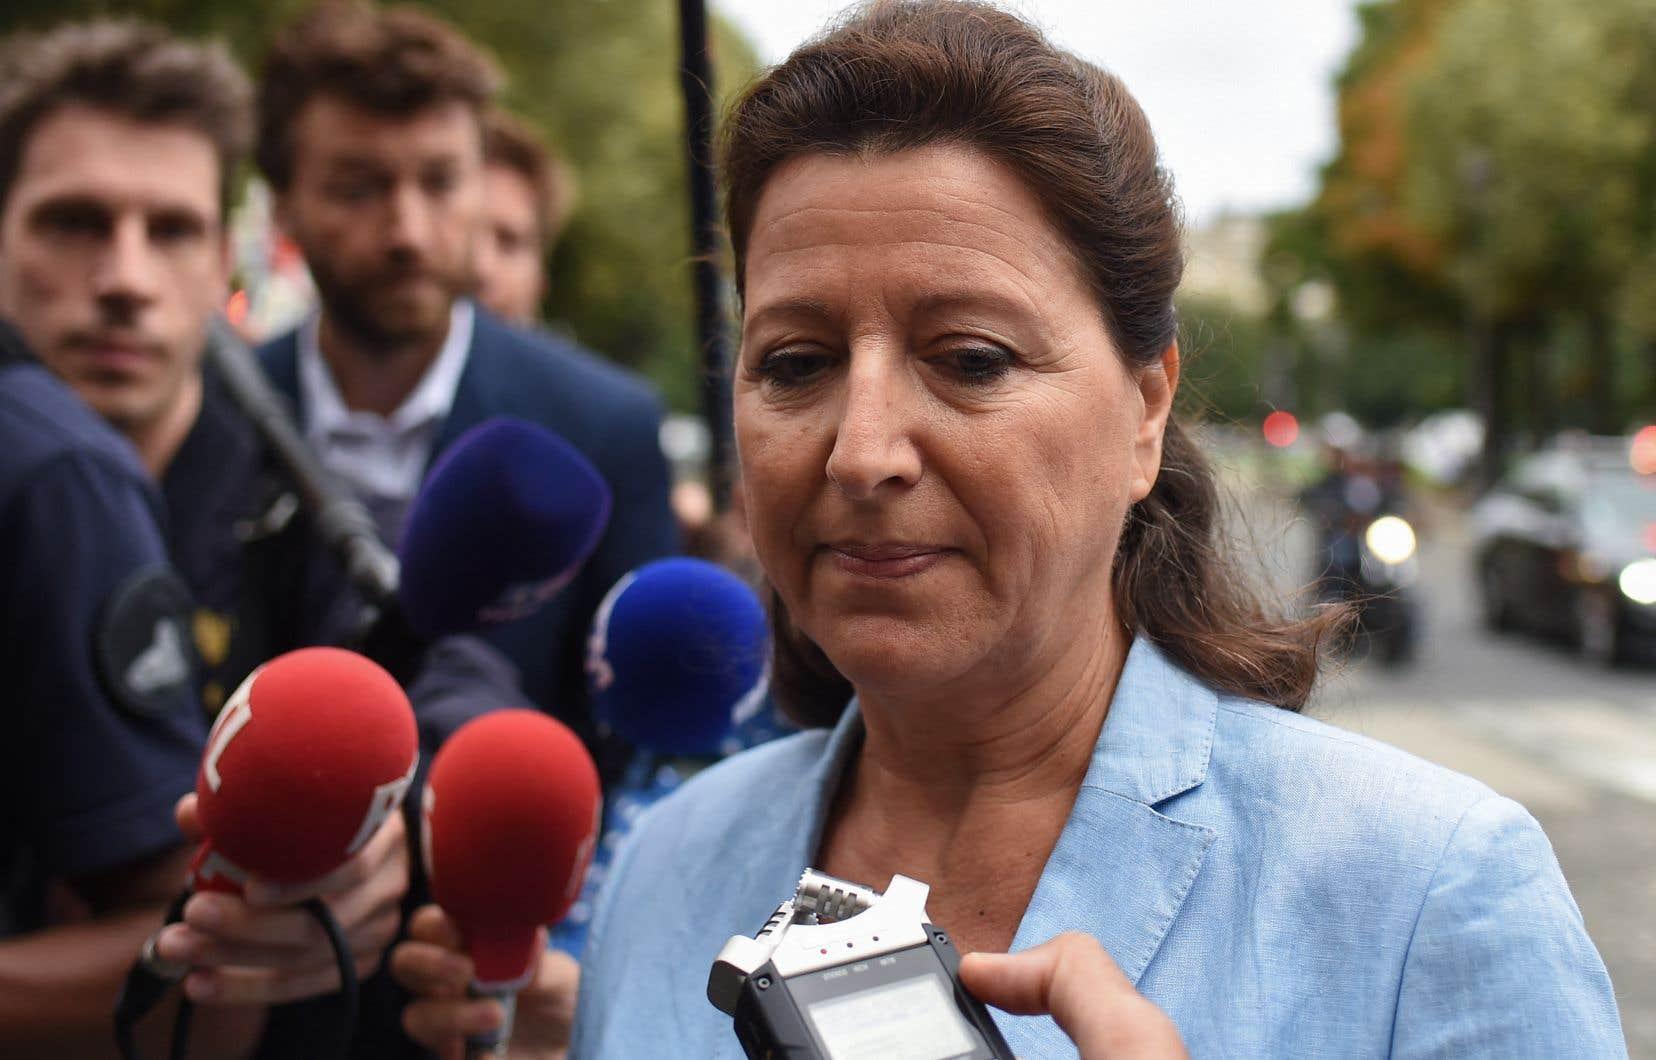 Arrivée peu avant 9h au siège de la Cour, Agnès Buzyn en est ressortie après plus de neuf heures d'audition sans dire un mot à la presse. «Aujourd'hui, c'est une excellente opportunité pour moi de m'expliquer et de rétablir la vérité des faits», avait-elle déclaré à son arrivée.